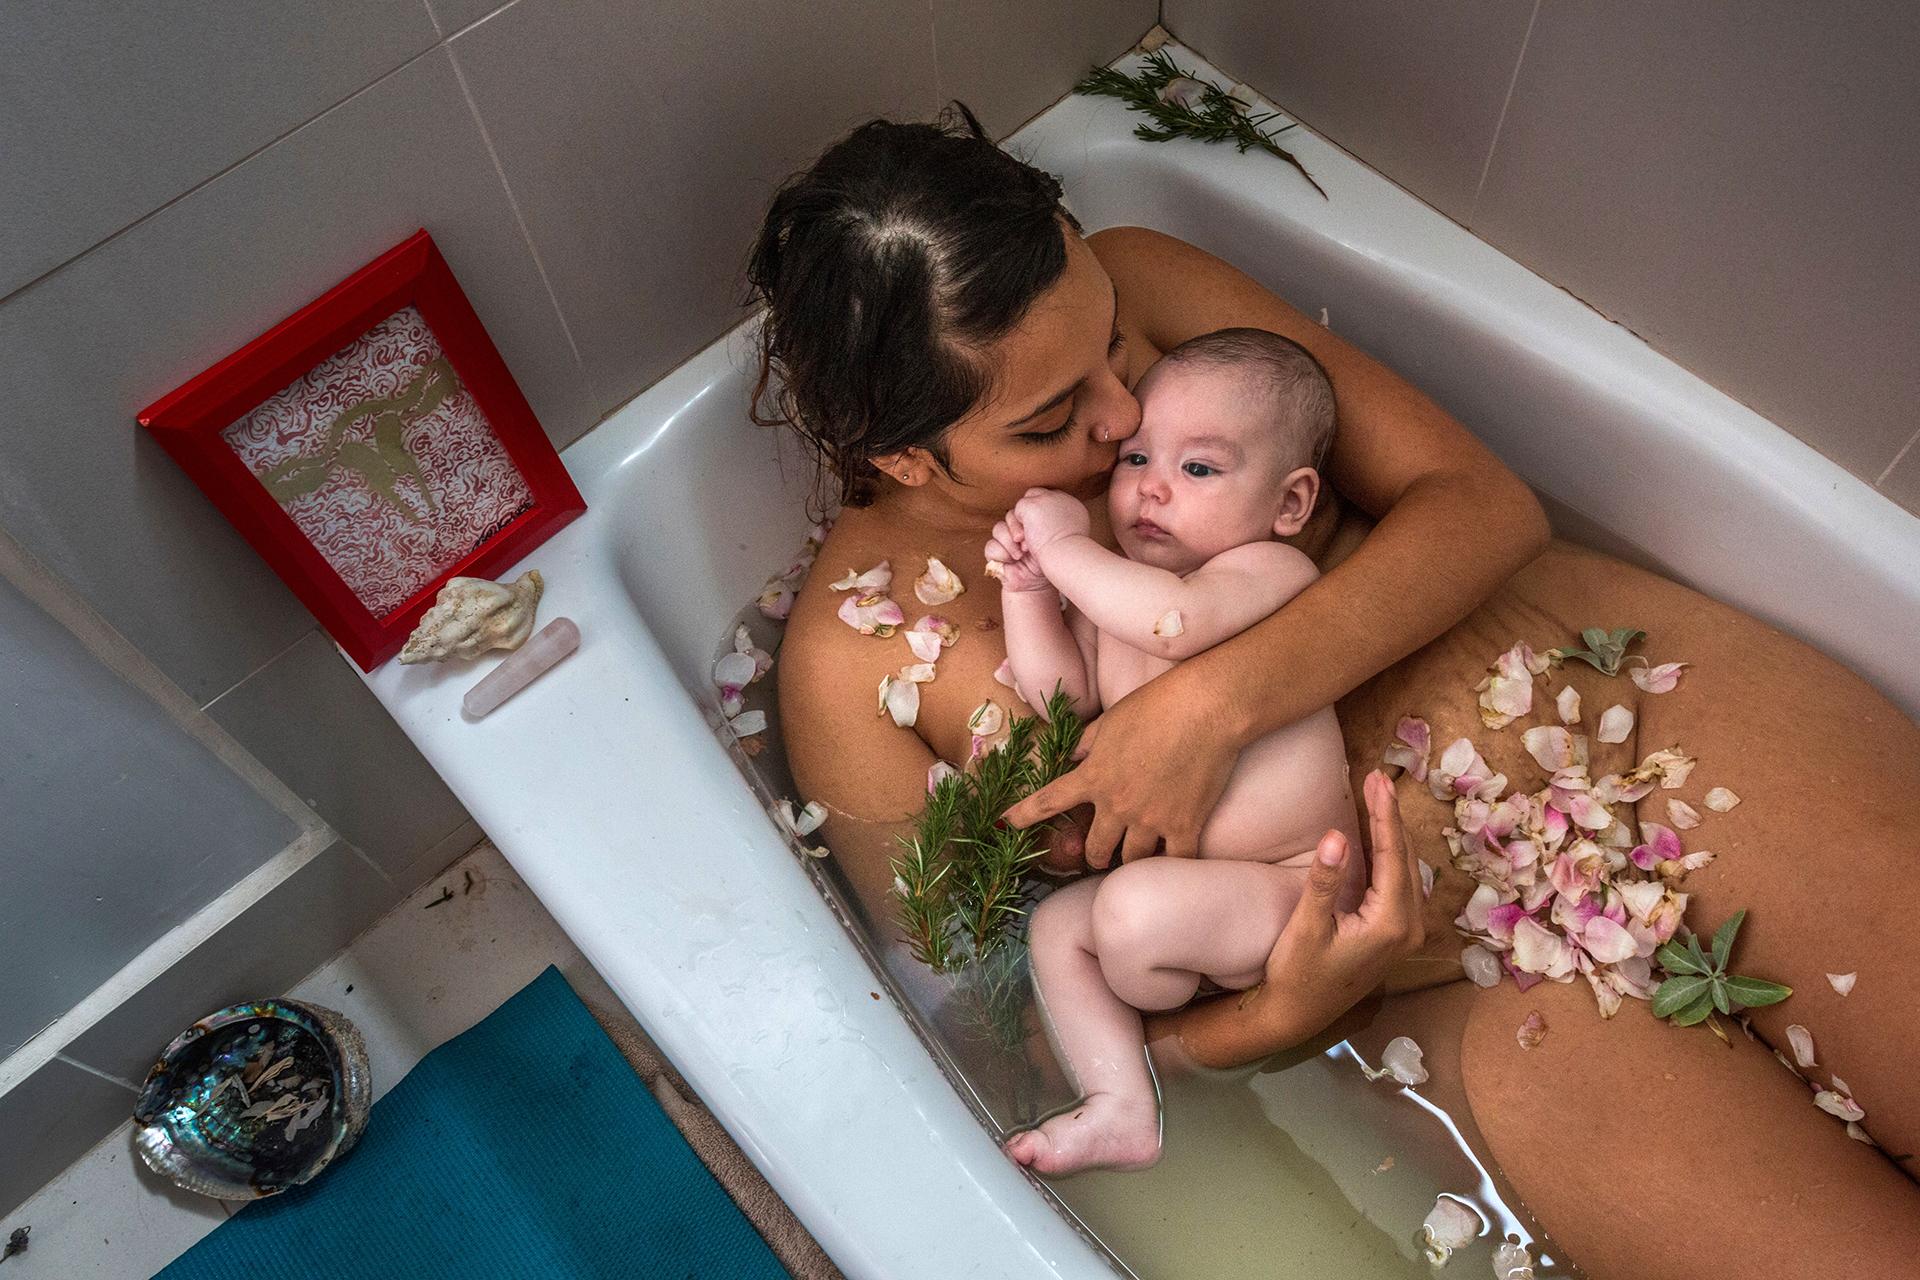 Laura Sermeño y su bebé toman un baño de hierbas y un masaje después de terminada la cuarentena después del parto, parte de un ritual en Los Angeles, California. Karla Gachet, 2018